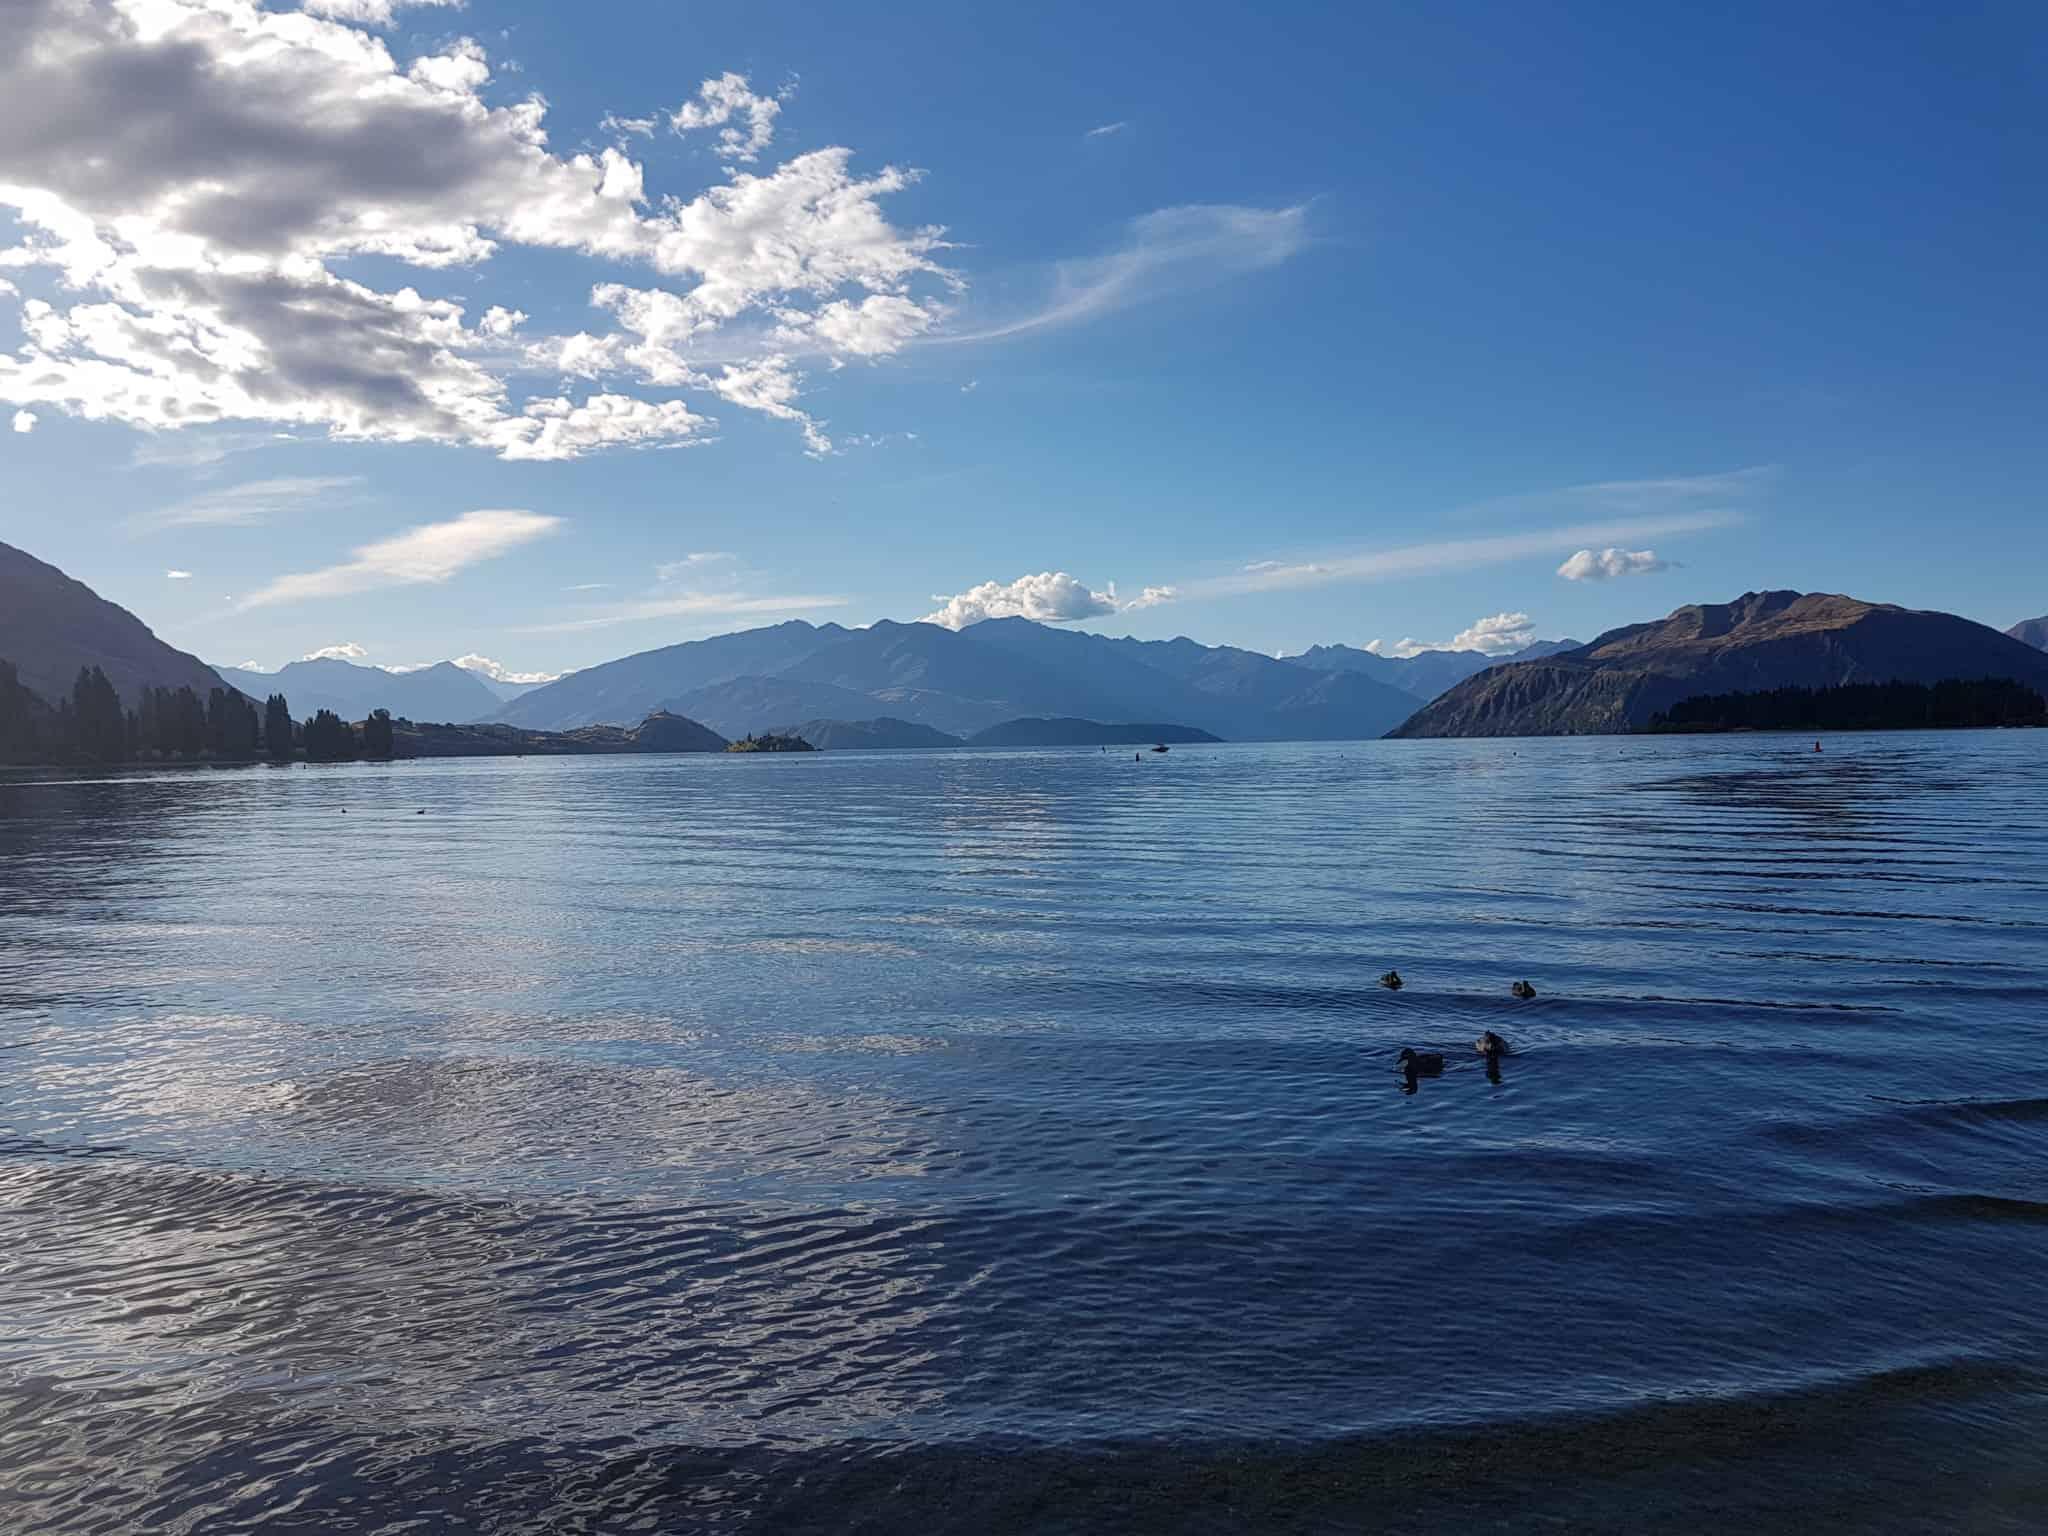 Nouvelle-Zélande, trois mois de douceur de vivre à Wanaka 🌞 9